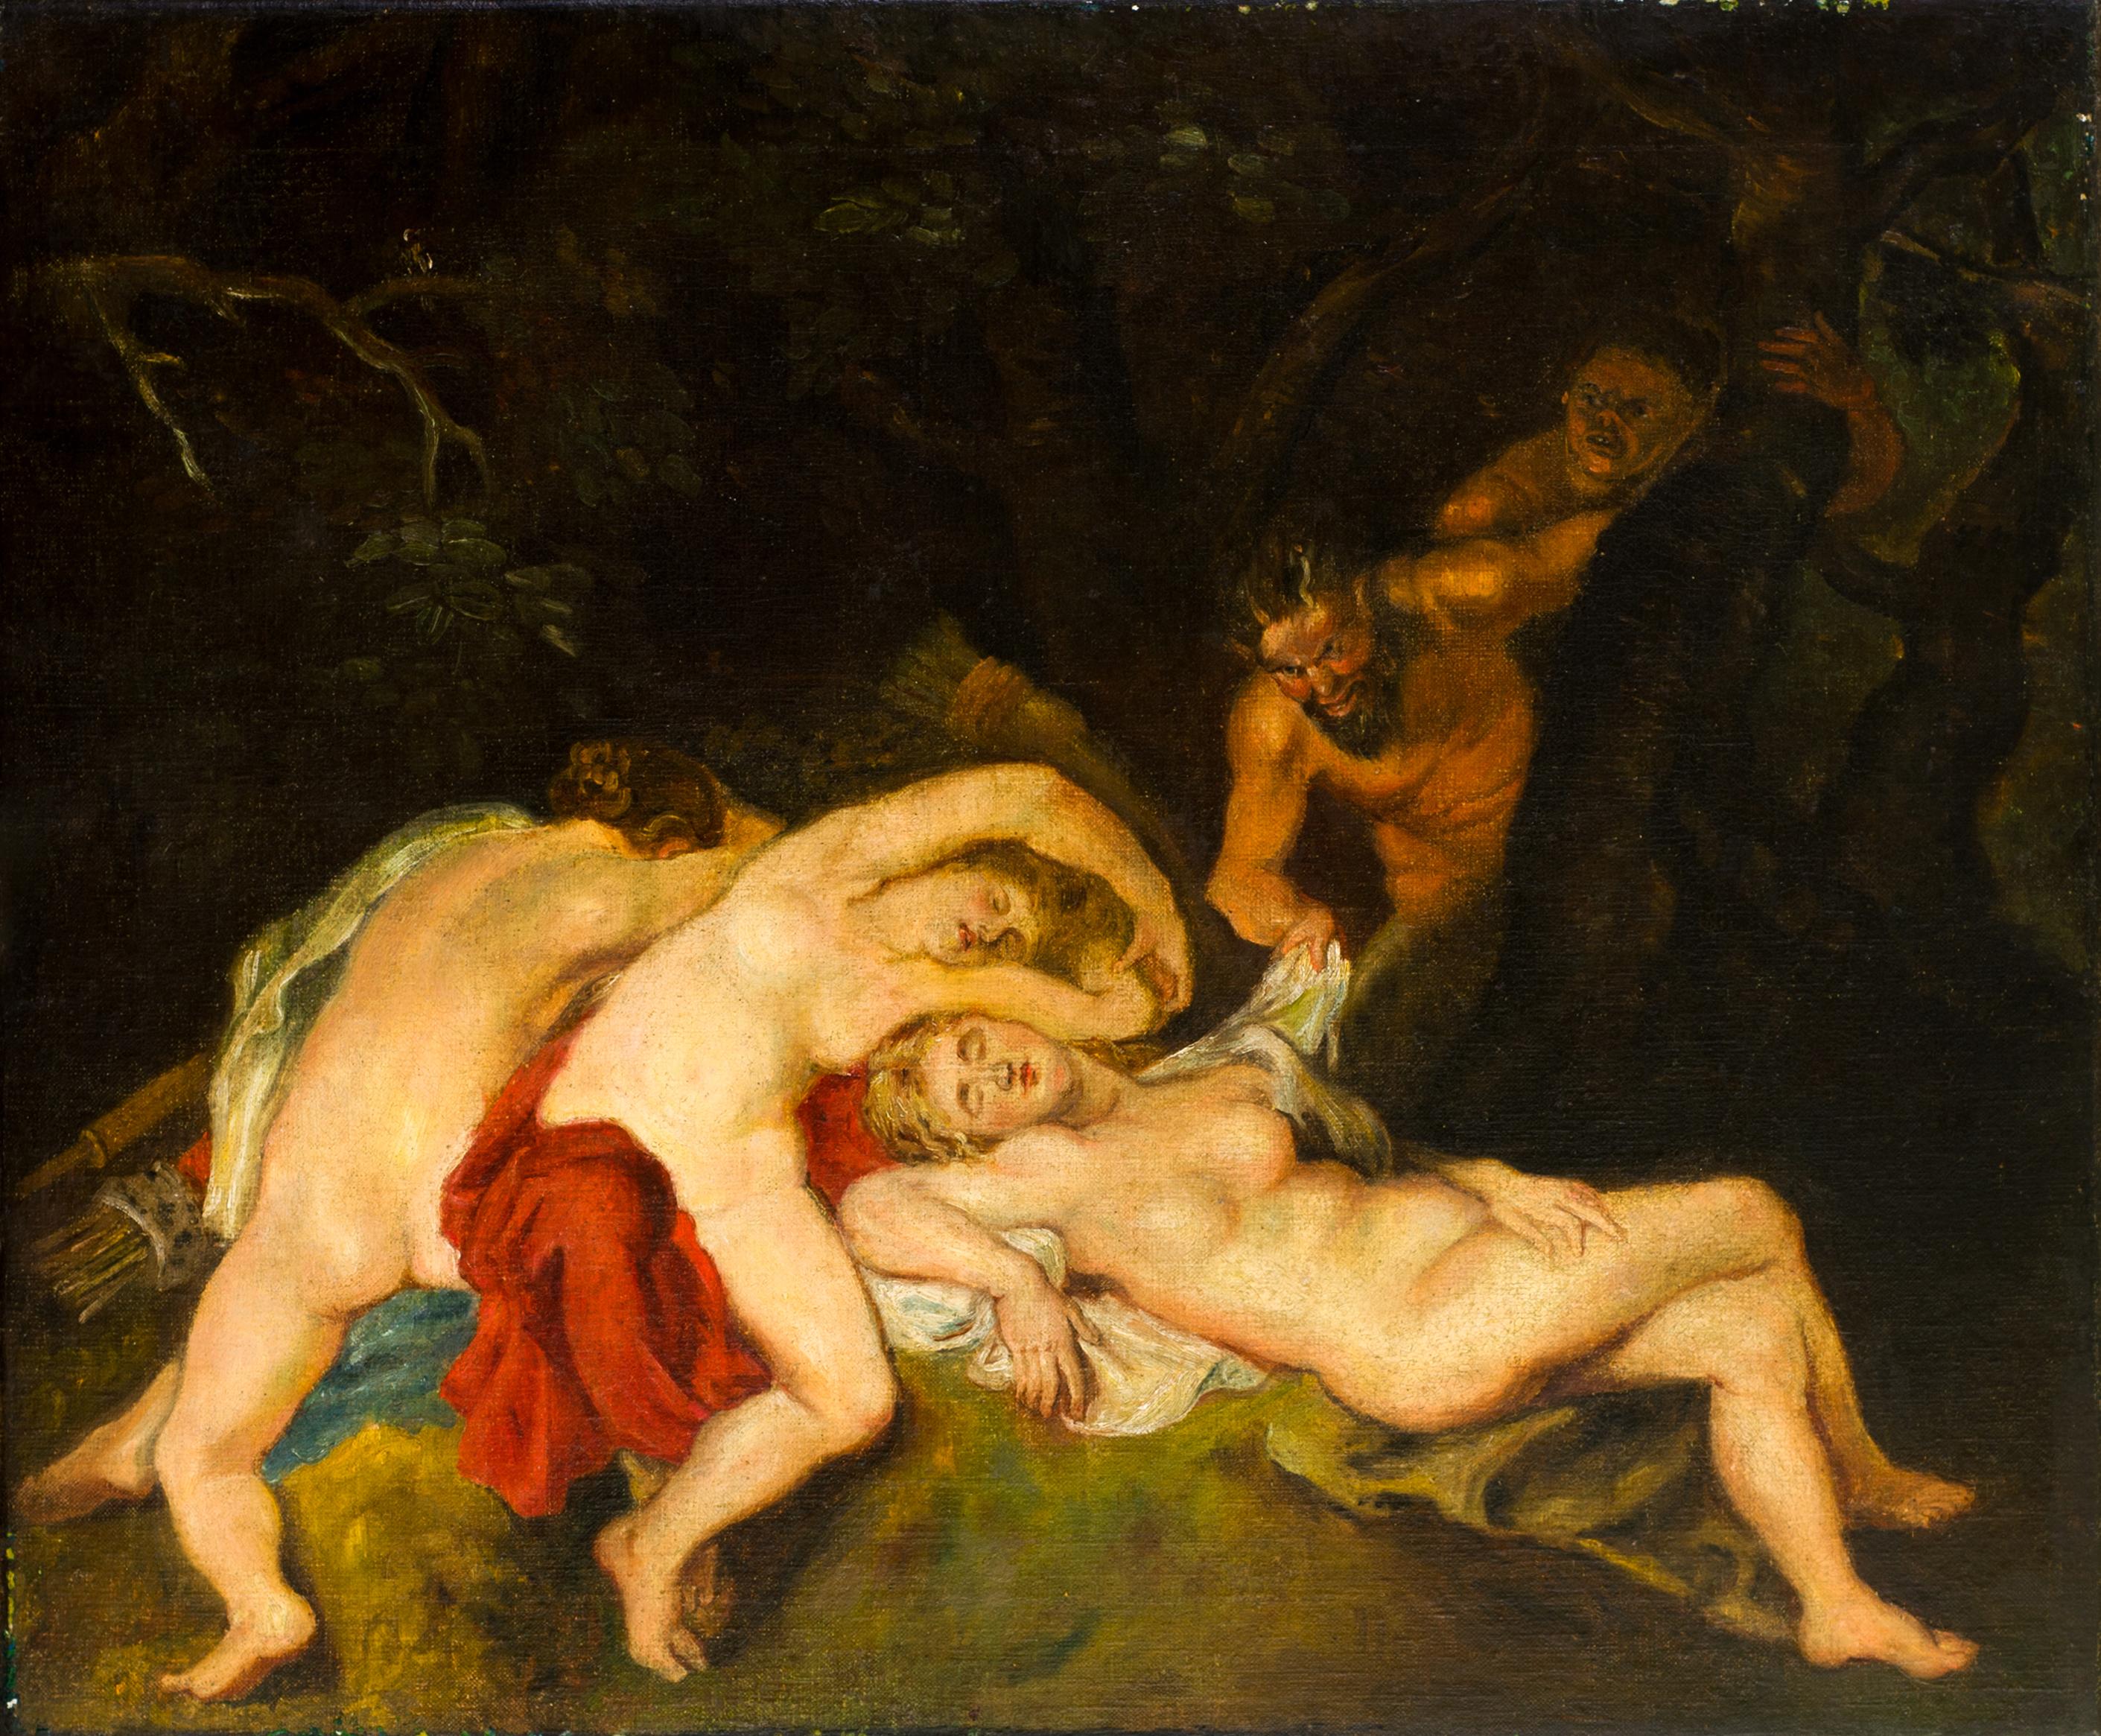 Георги Машев, Копие на Фламандска живопис, м.б./пл., 49х60cm